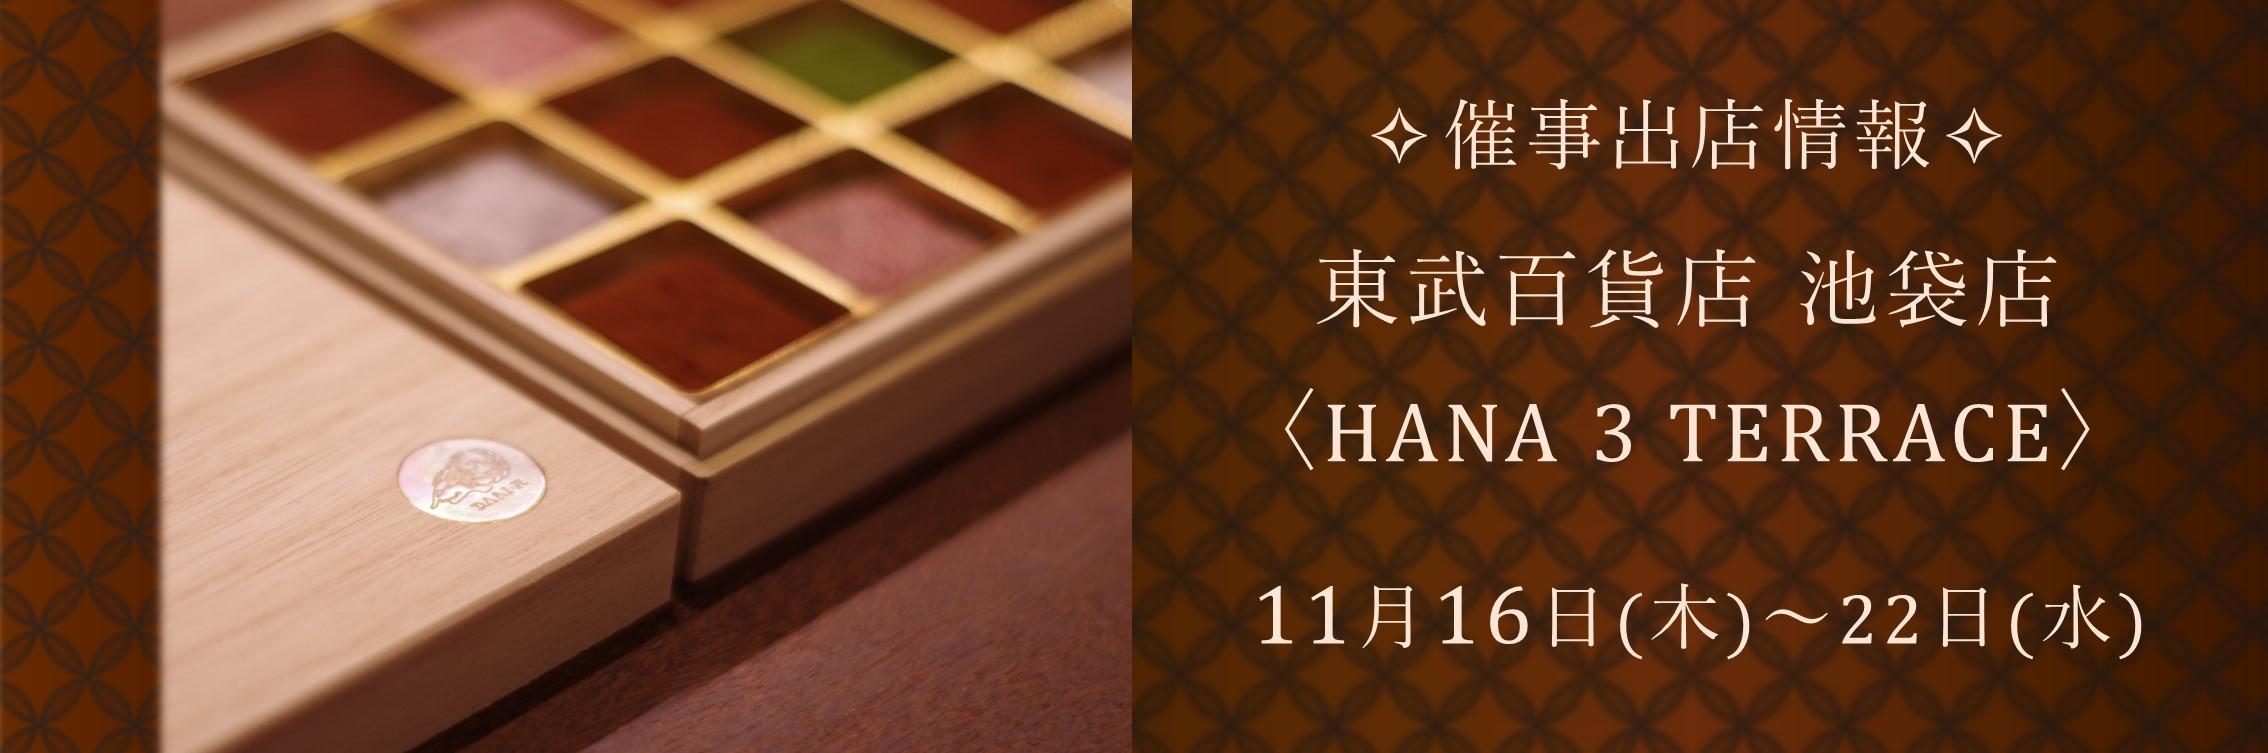 東武百貨店池袋店 催事出店